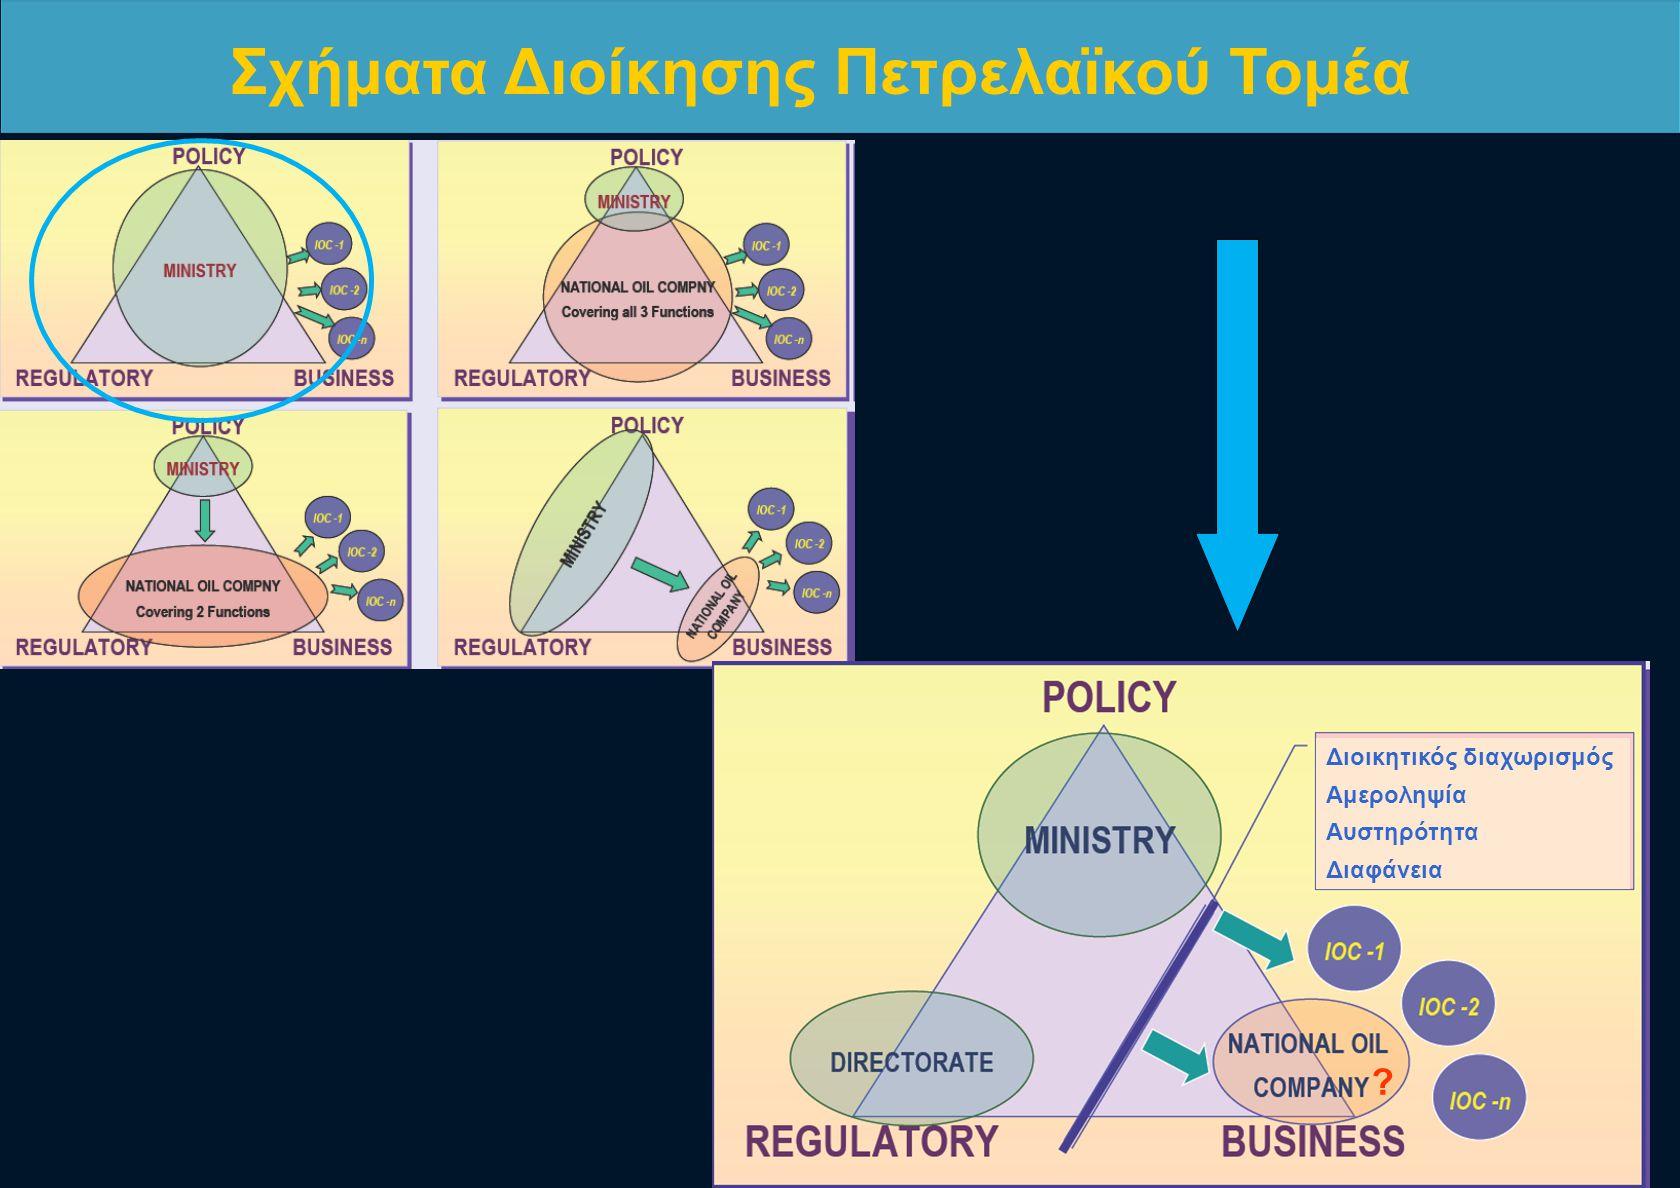 Διοικητικός διαχωρισμός Αμεροληψία Αυστηρότητα Διαφάνεια ? Σχήματα Διοίκησης Πετρελαϊκού Τομέα